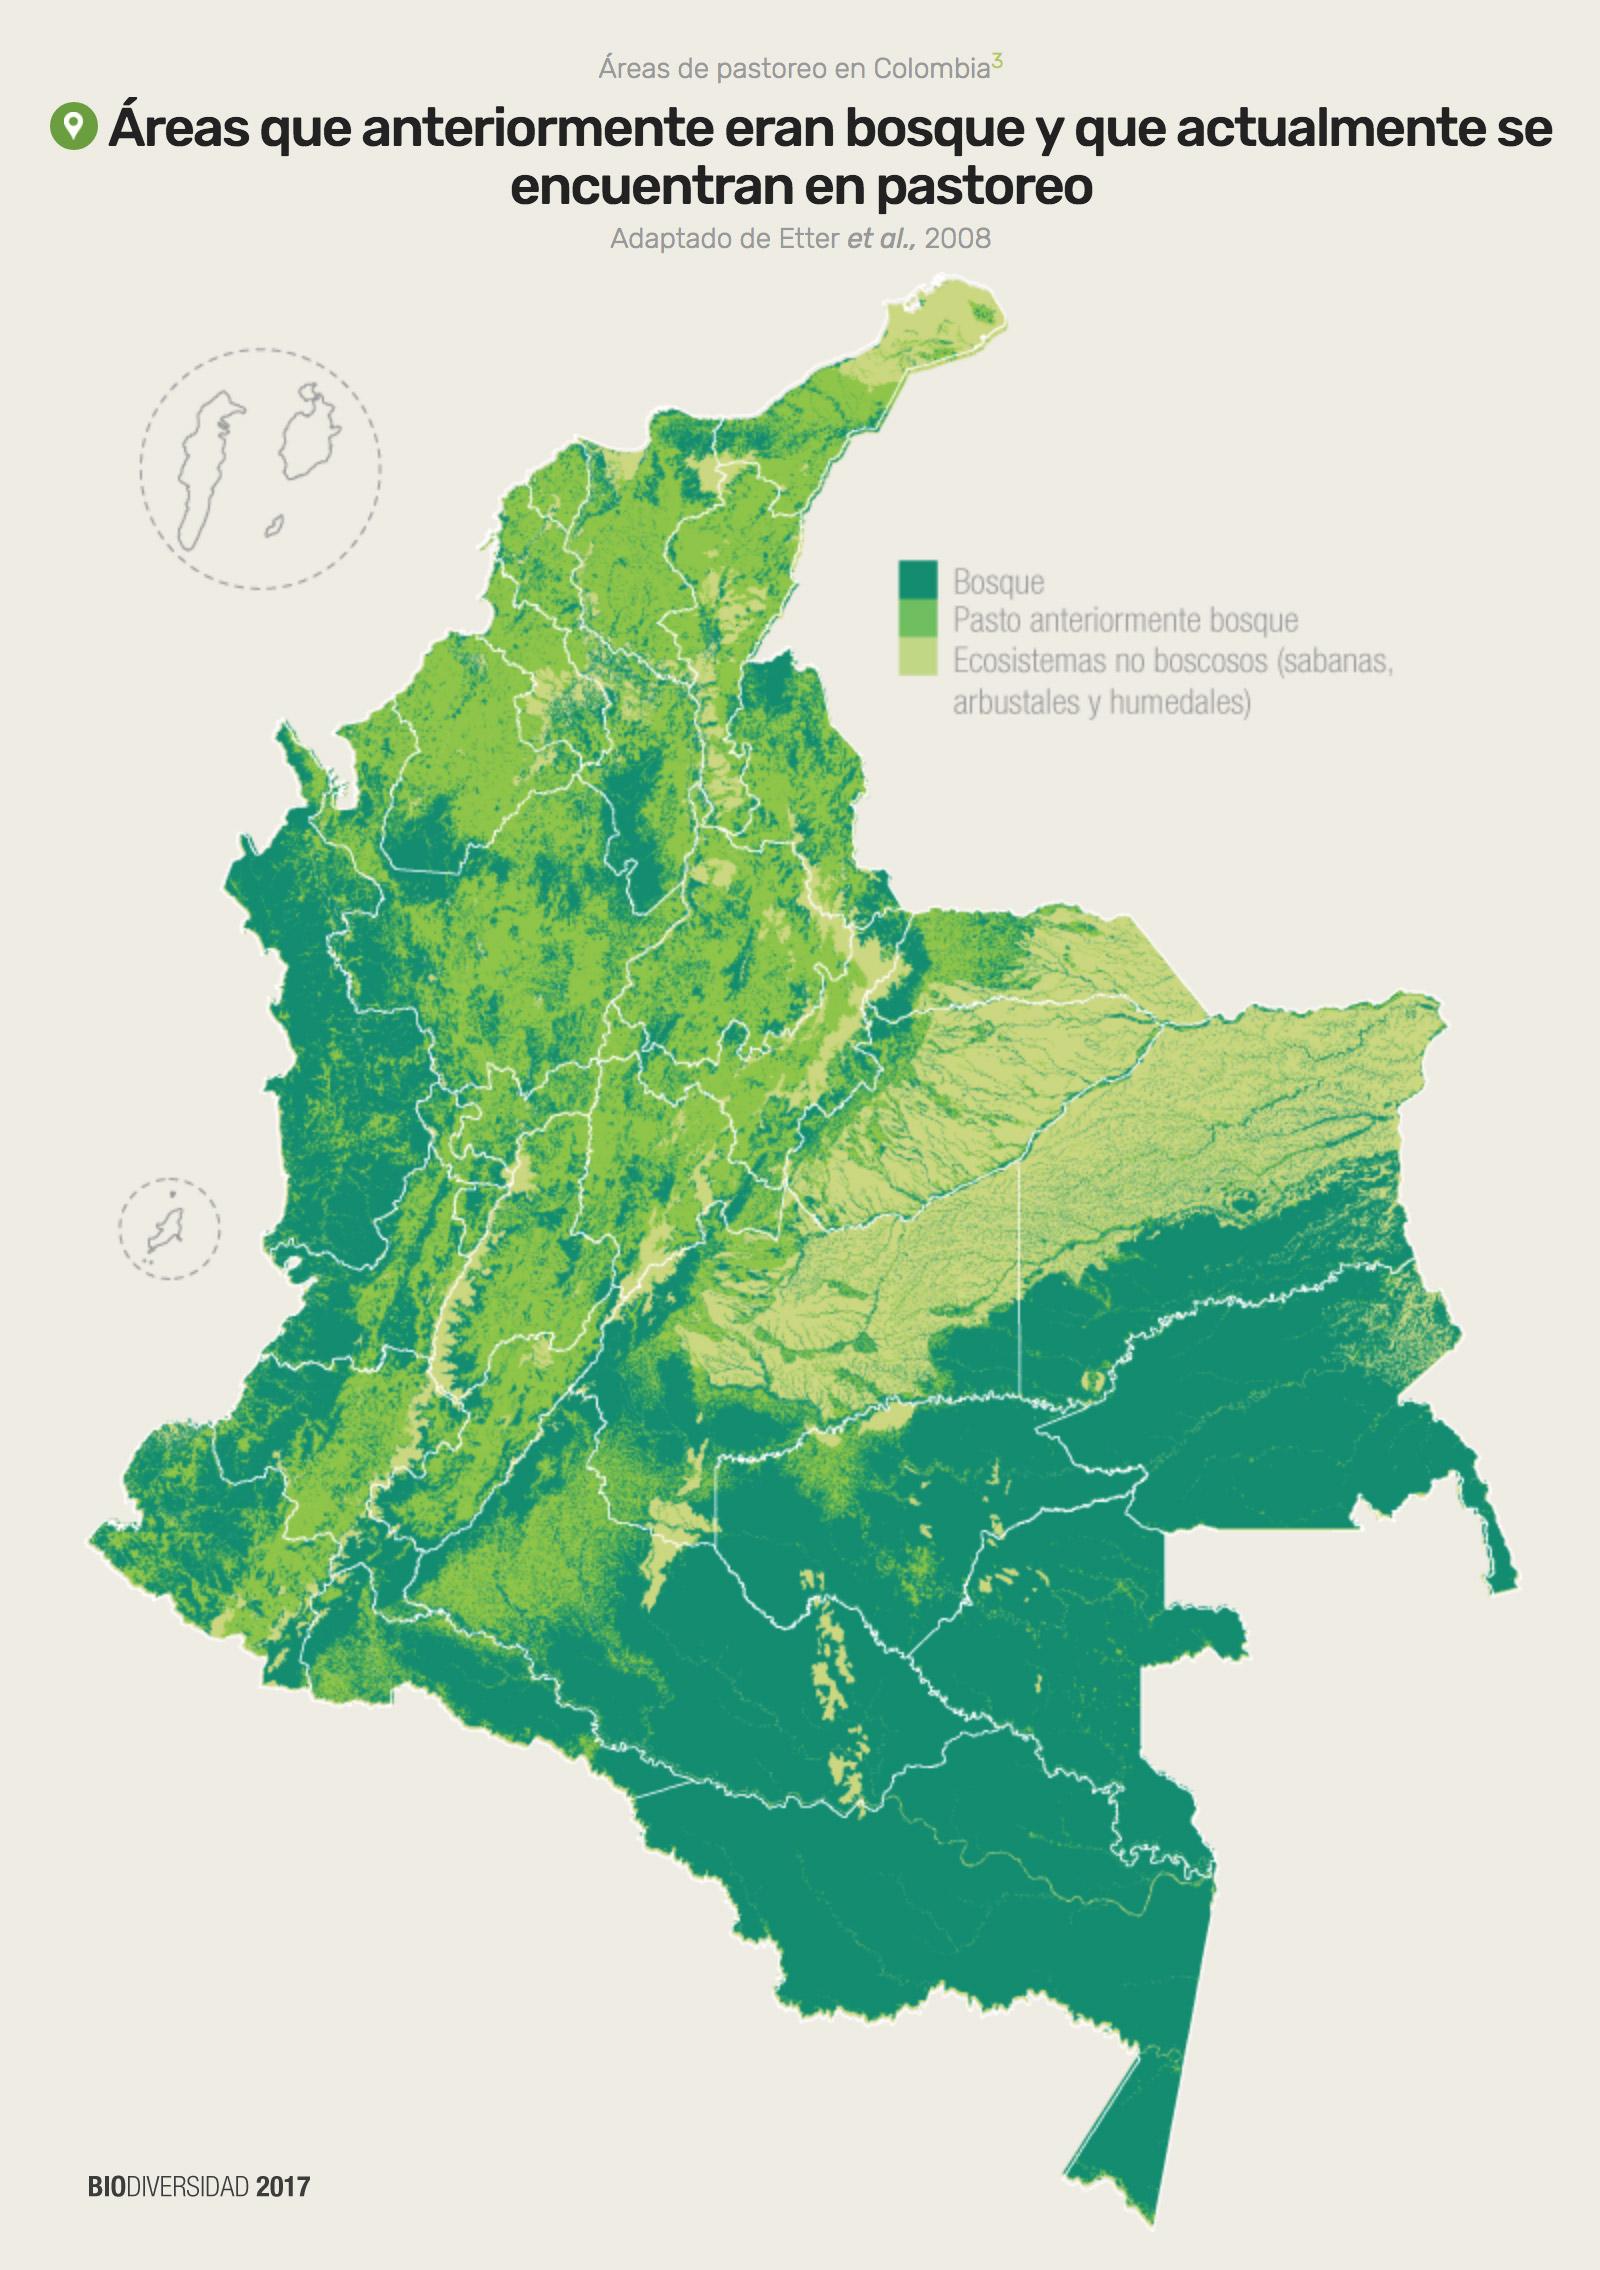 Este mapa muestra las áreas de bosque, aquellas que antes eran bosque y hoy son pastos y los ecosistemas no boscosos como sabanas y humedales. Ilustración: Instituto Humboldt con datos de Etter, A. y Zuluaga, A.